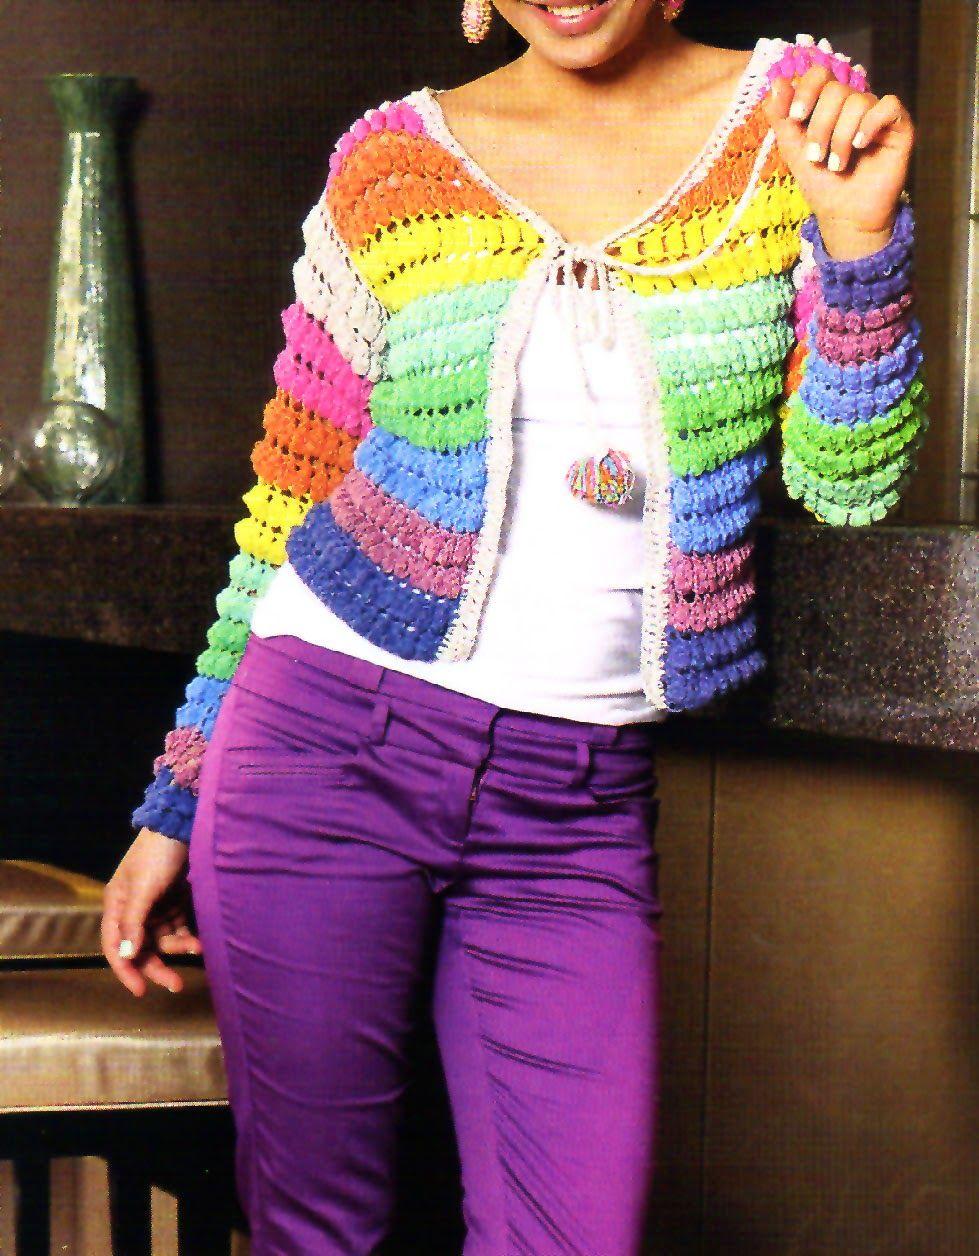 tejidos artesanales en crochet: saco multicolor tejido en crochet ...